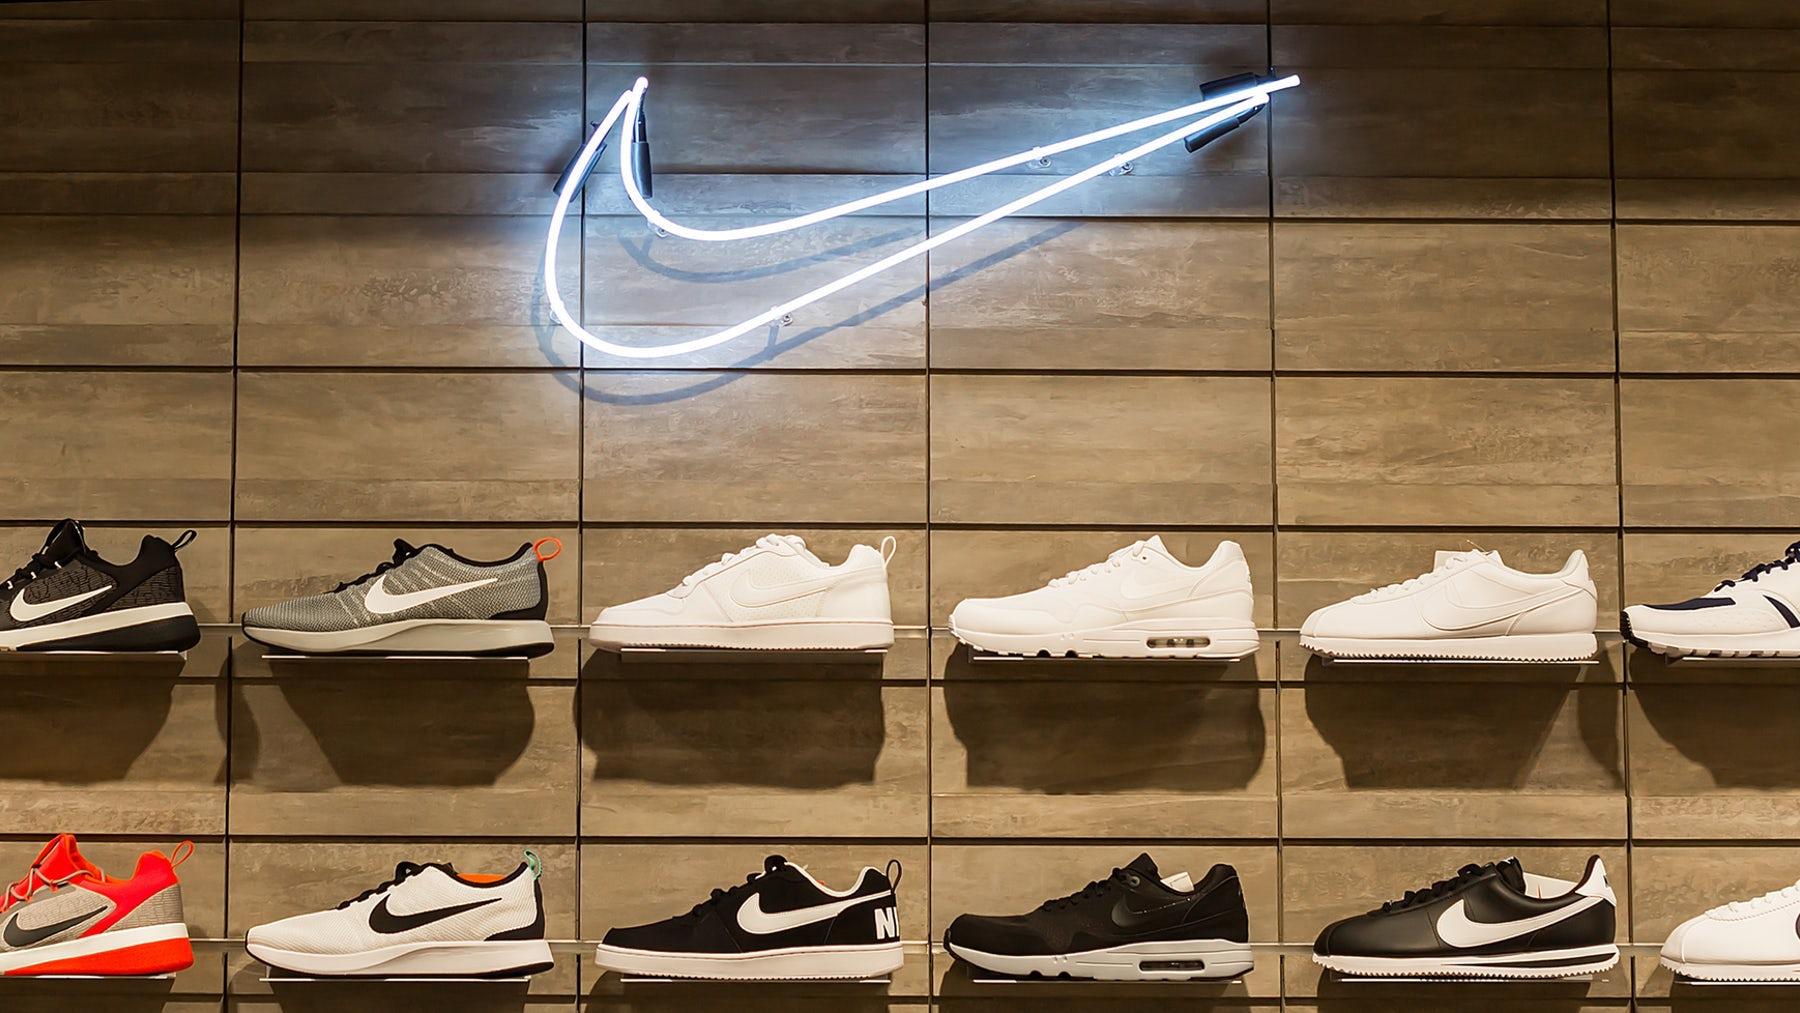 Vì sao doanh thu bán hàng trực tuyến tăng 75% vẫn không cứu nổi Nike? - Ảnh 1.